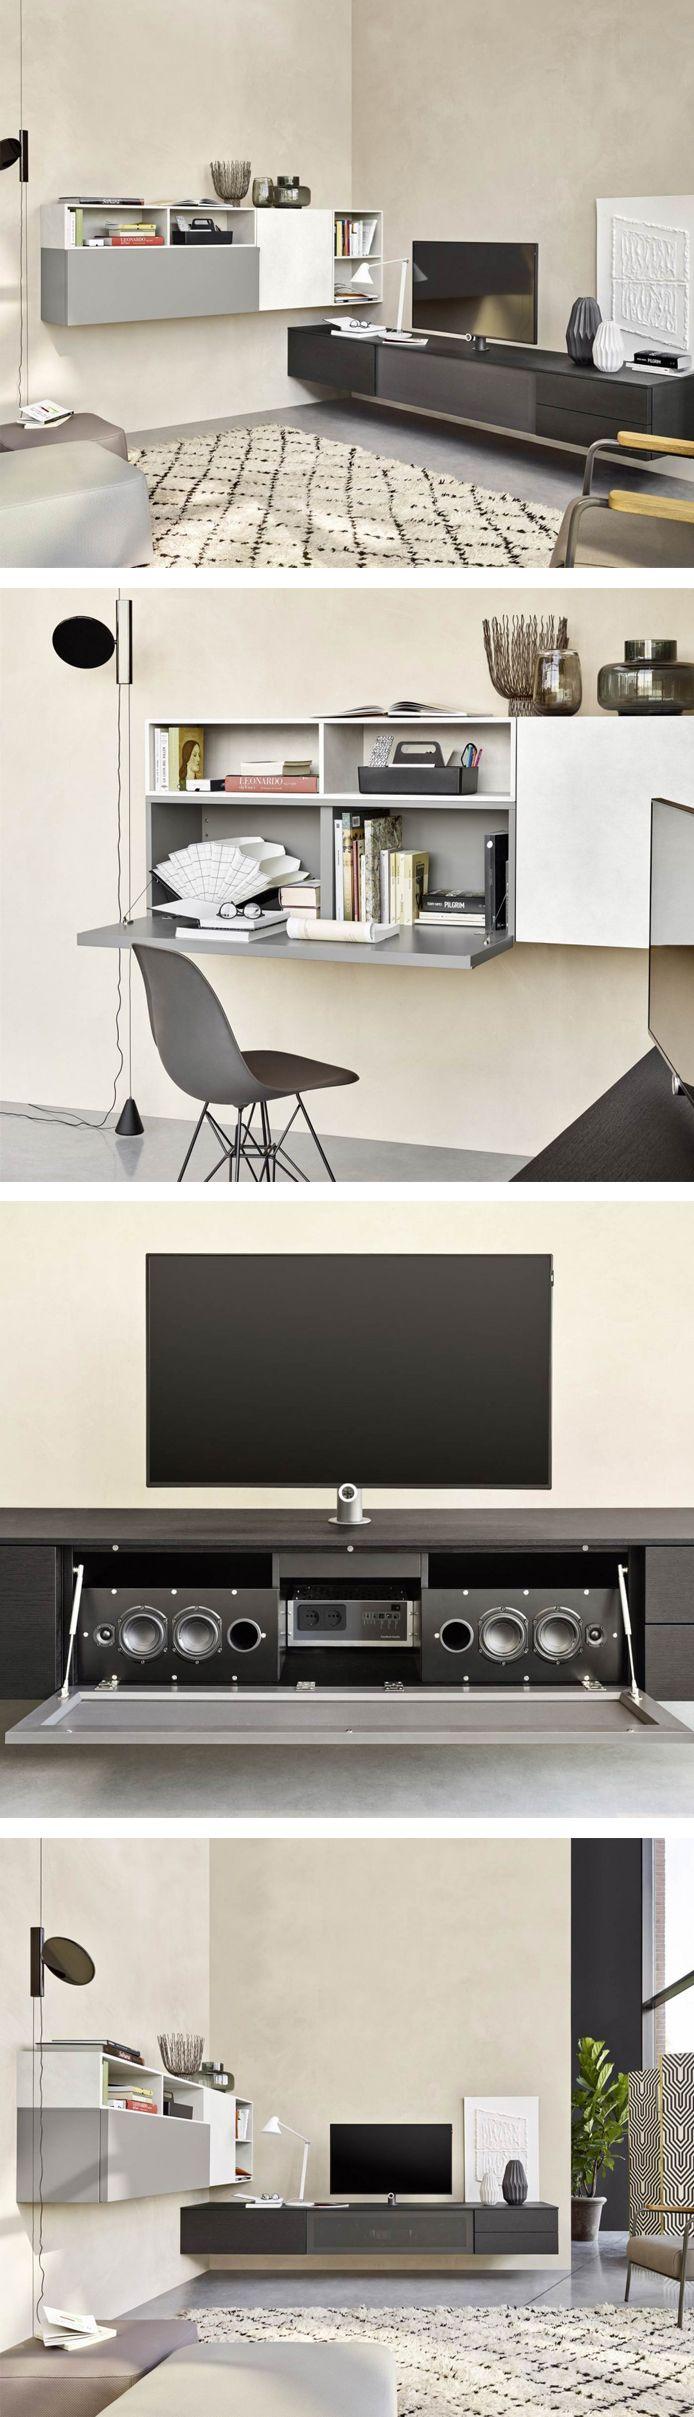 Die Design Audio Wohnwand C51 Hat Eine Integrierte TV Halterung. #Wohnwand # Wohnzimmer #